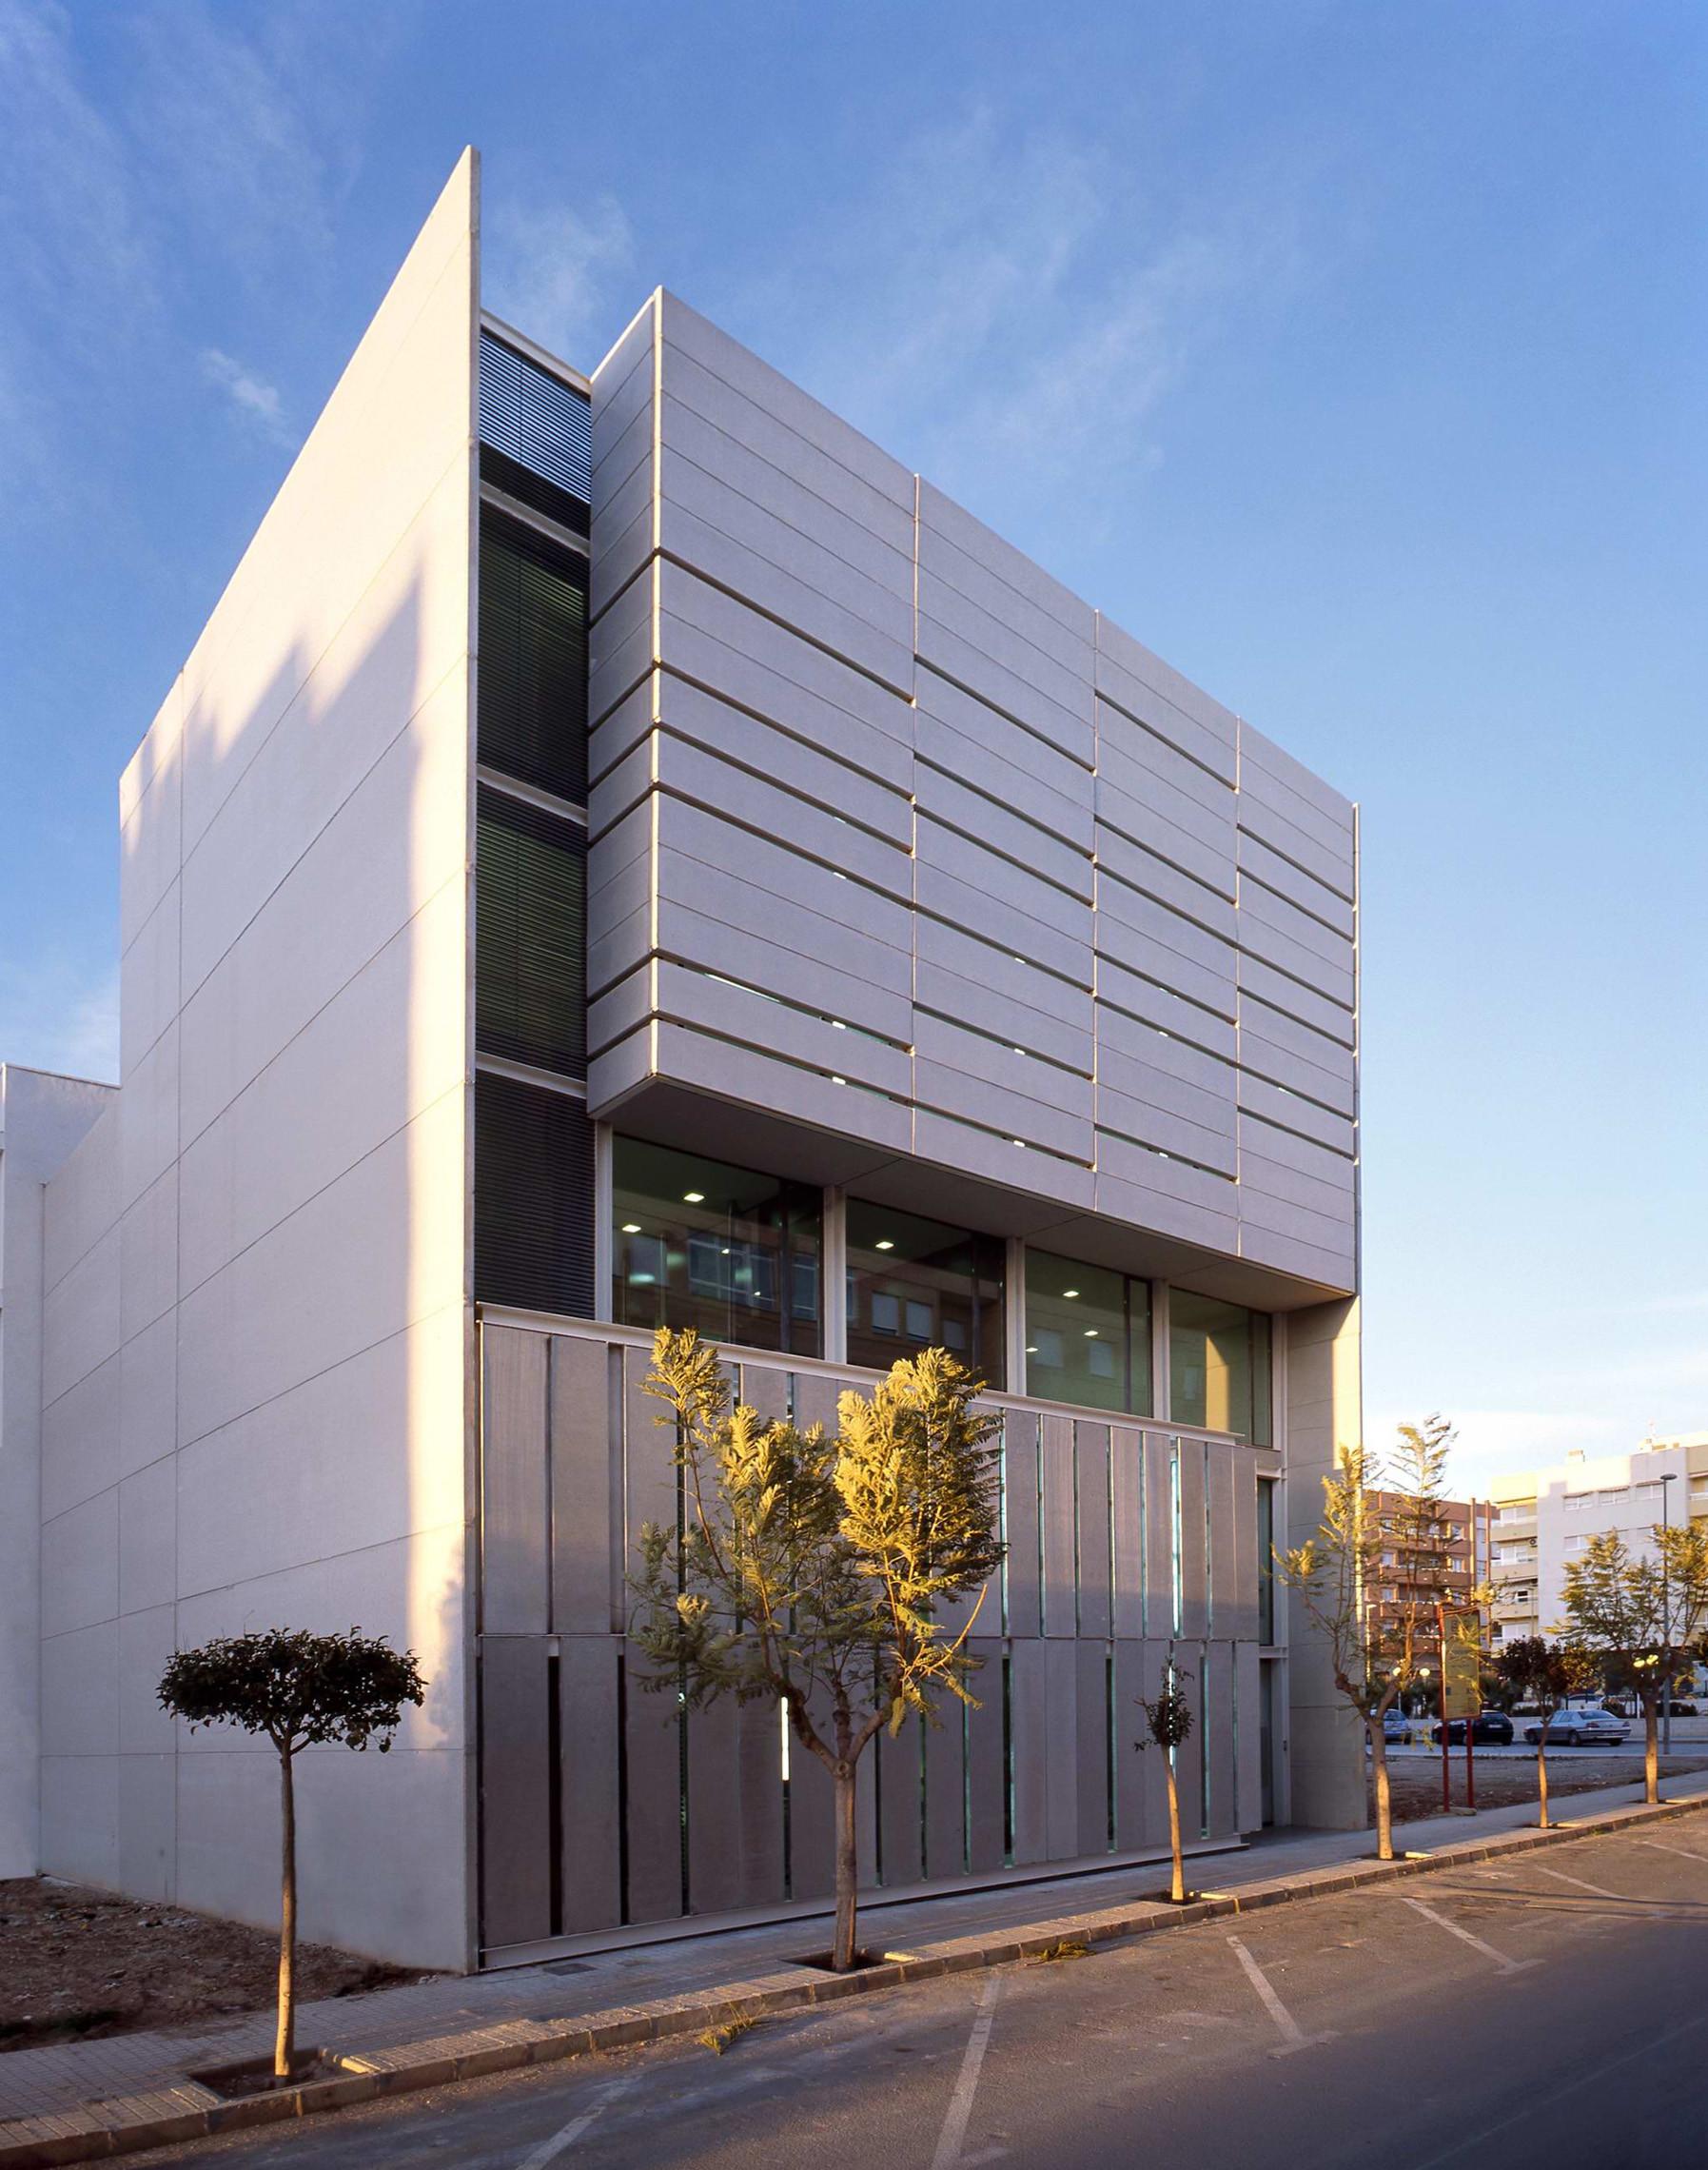 Servef center in novelda calatayud navarro arquitectos - Fachadas de locales comerciales ...